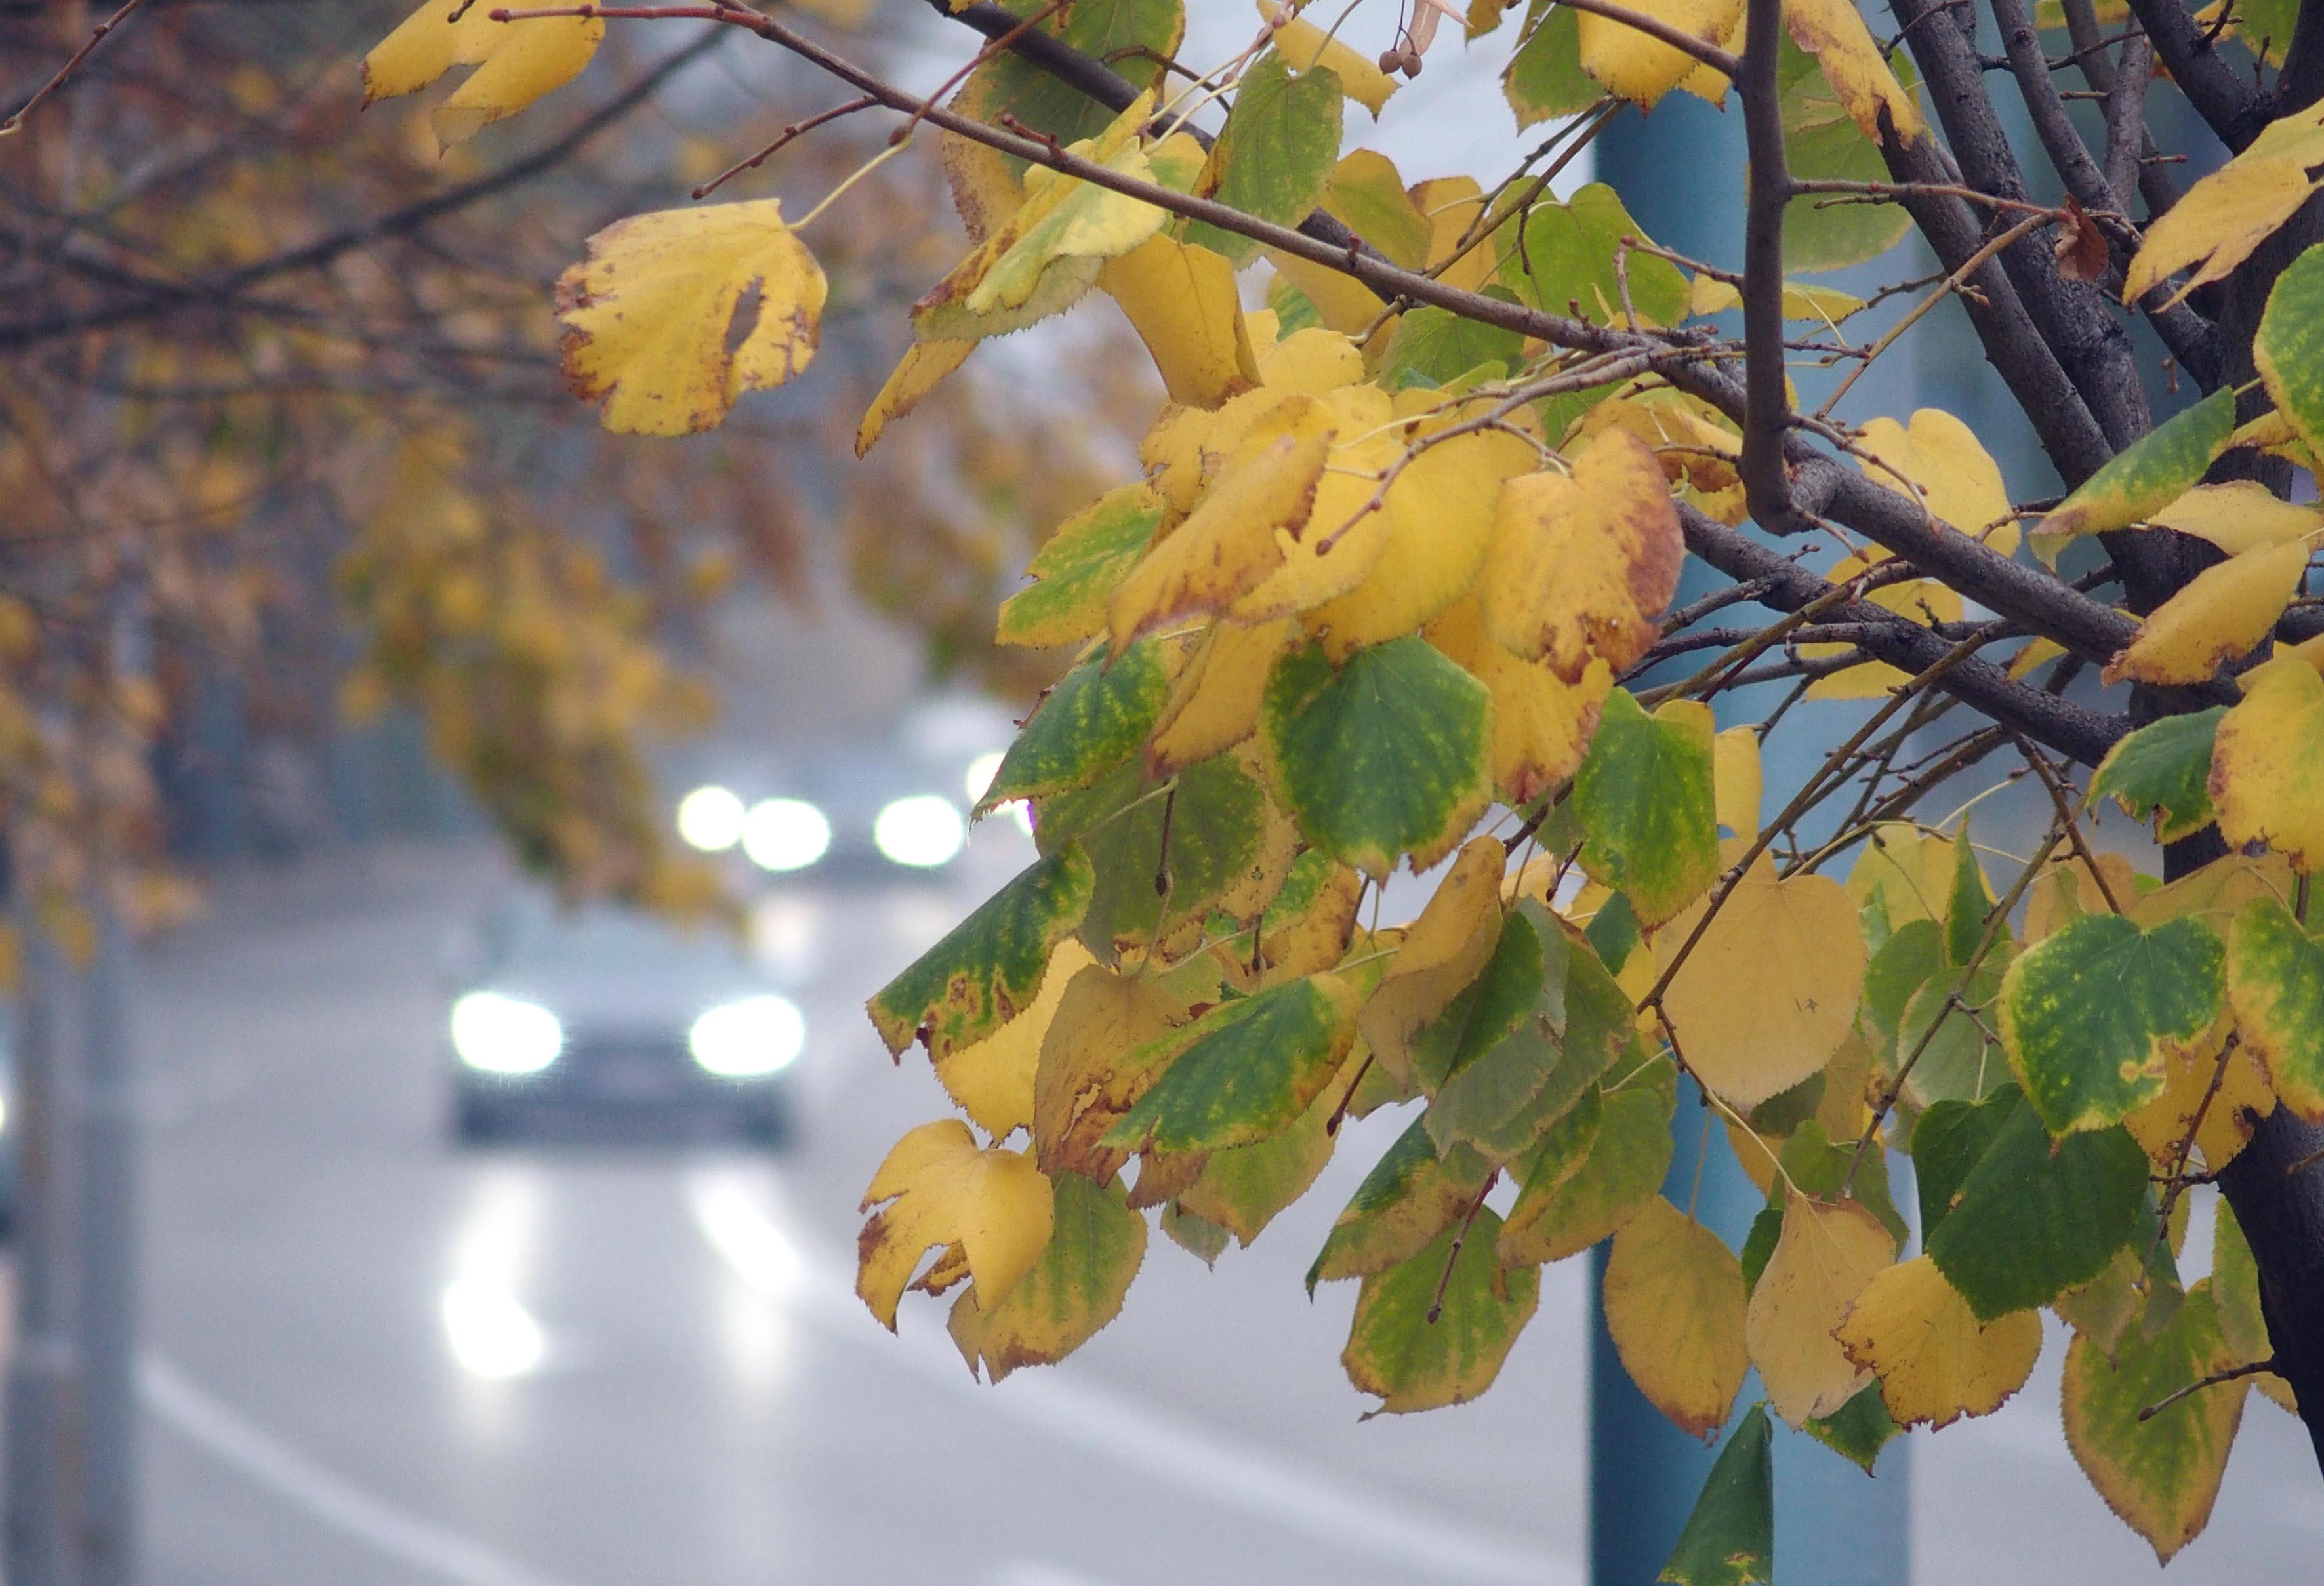 Седмична прогноза: динамично, по-топло през уикенда